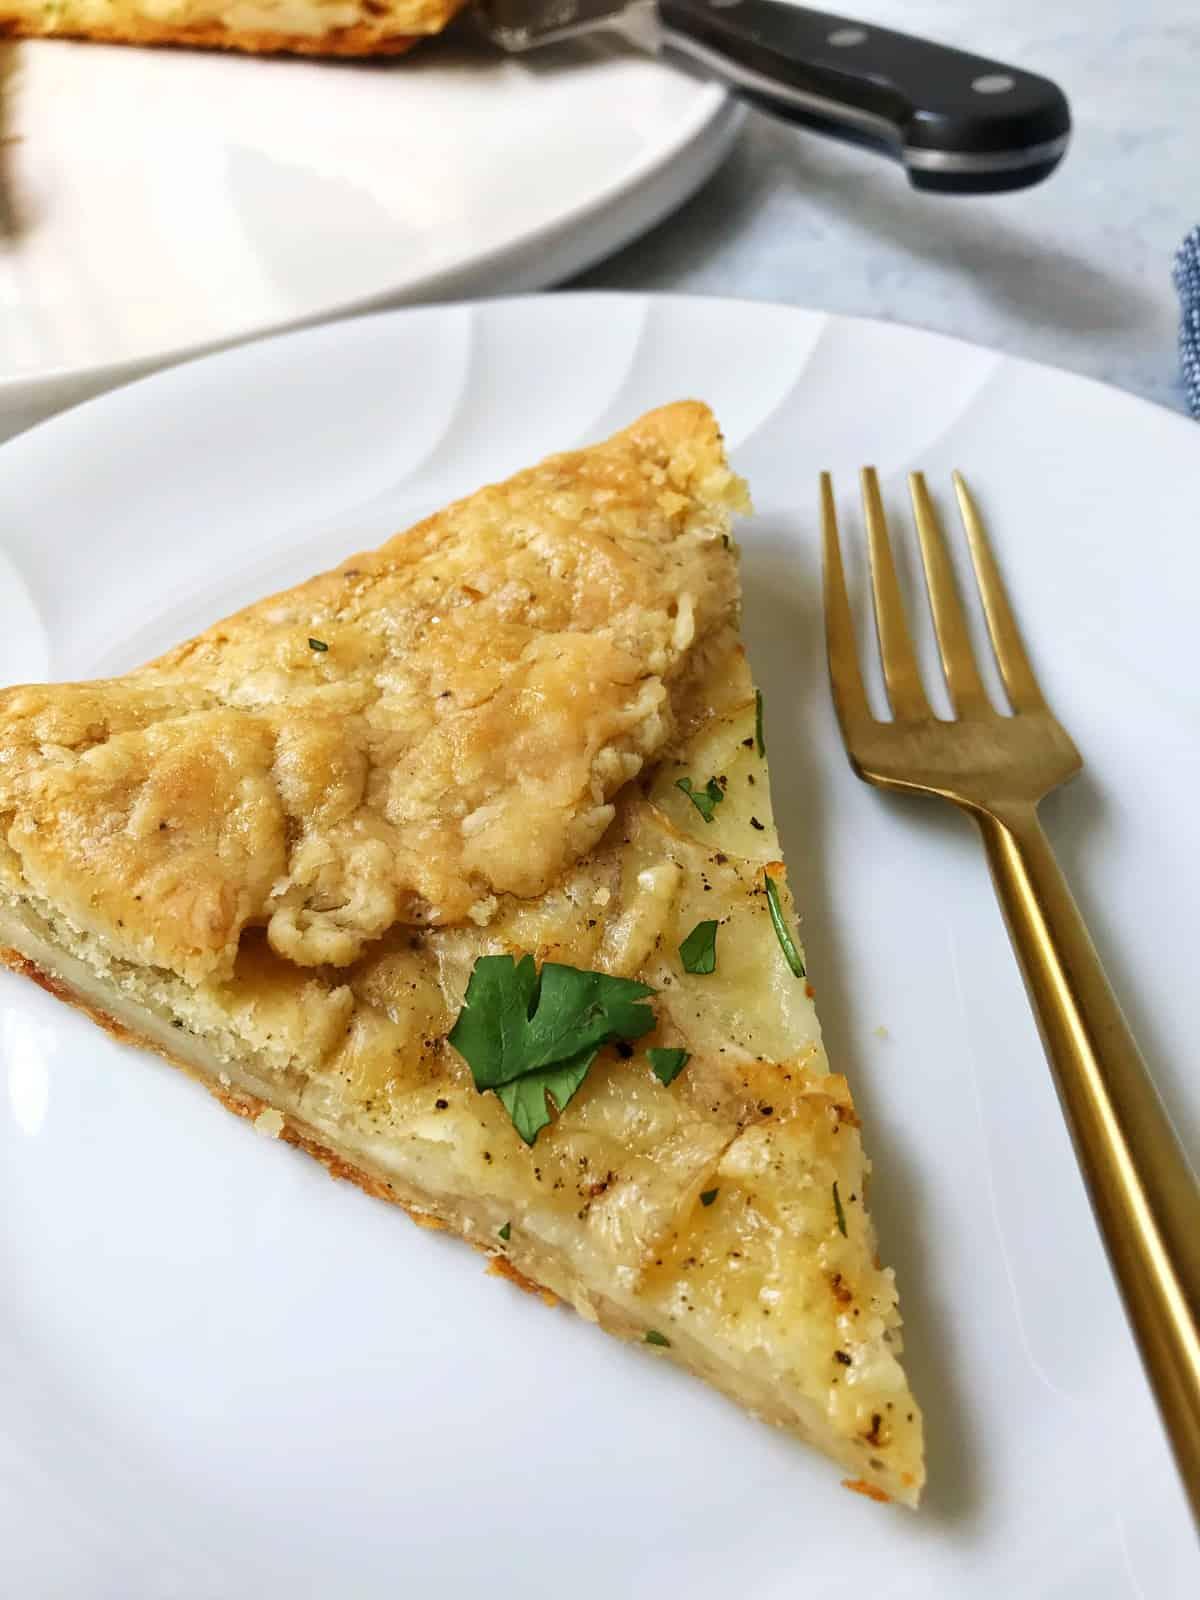 Slice of Potato and Gruyere Galette